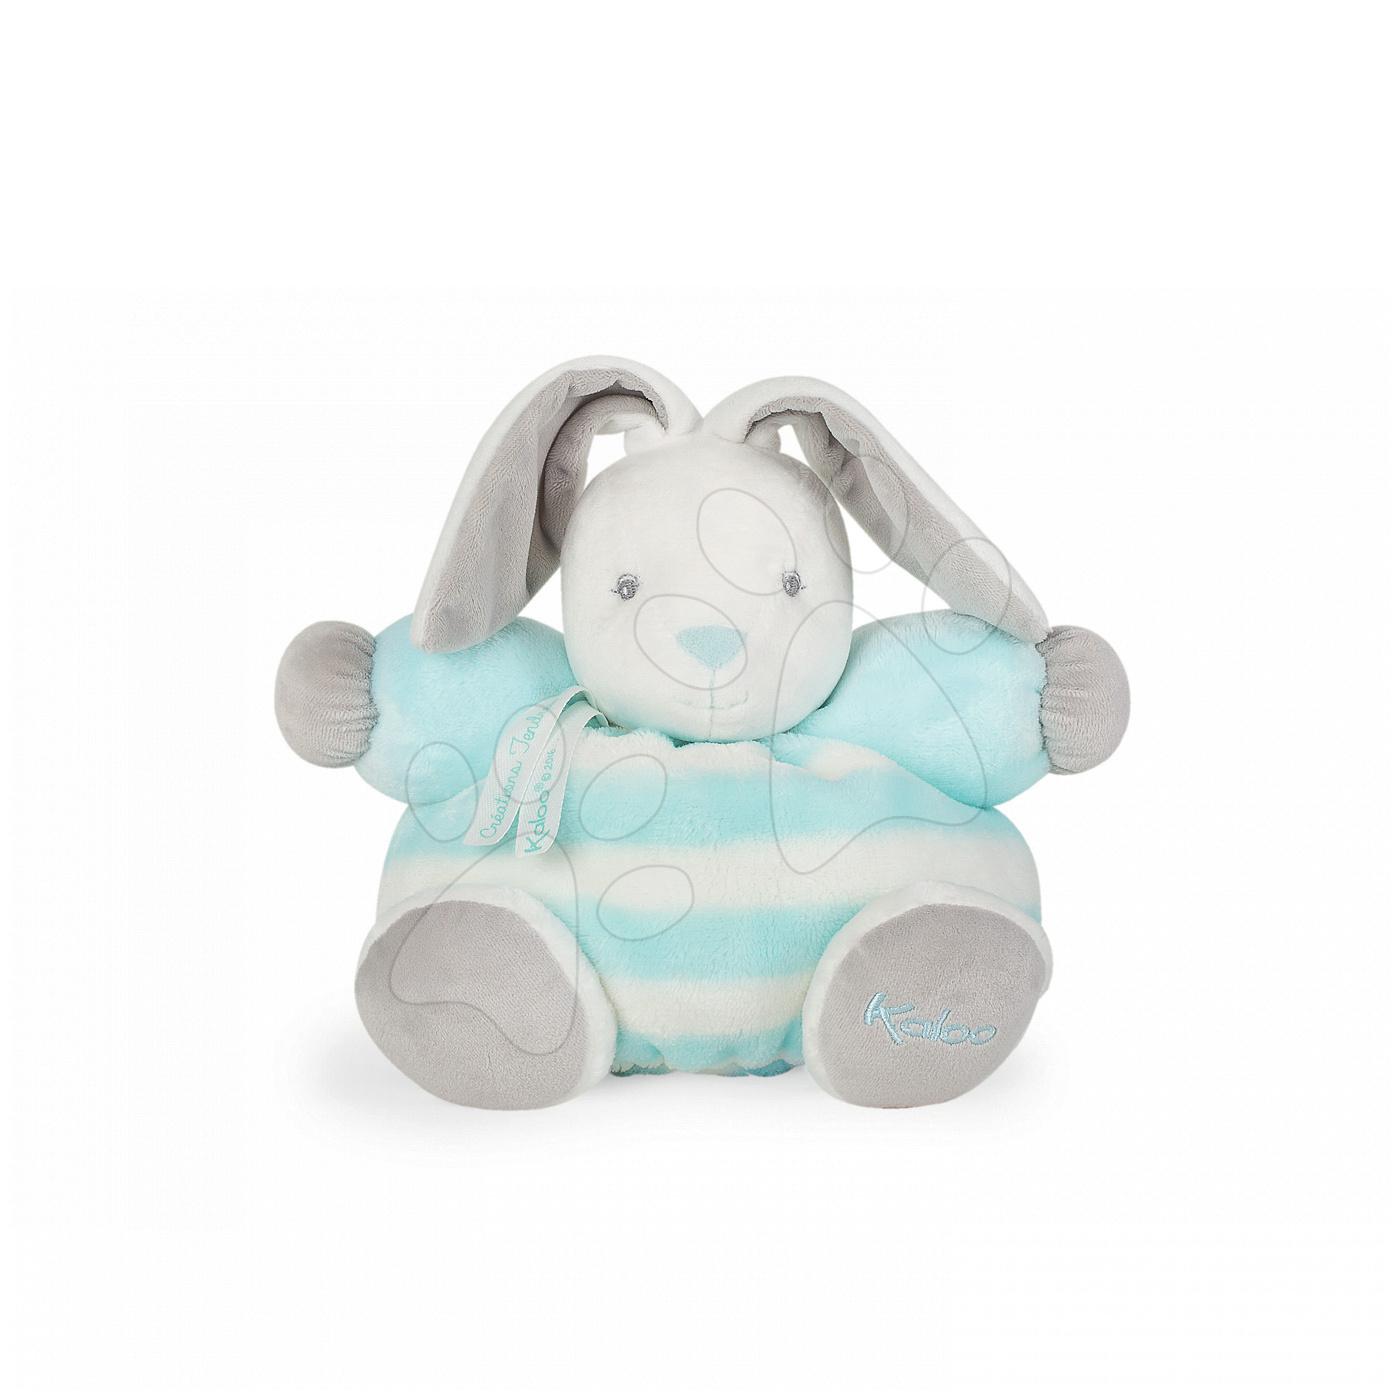 Kaloo plyšový zajačik bebe Pastel Chubby 25 cm 960082 tyrkysovo-krémový